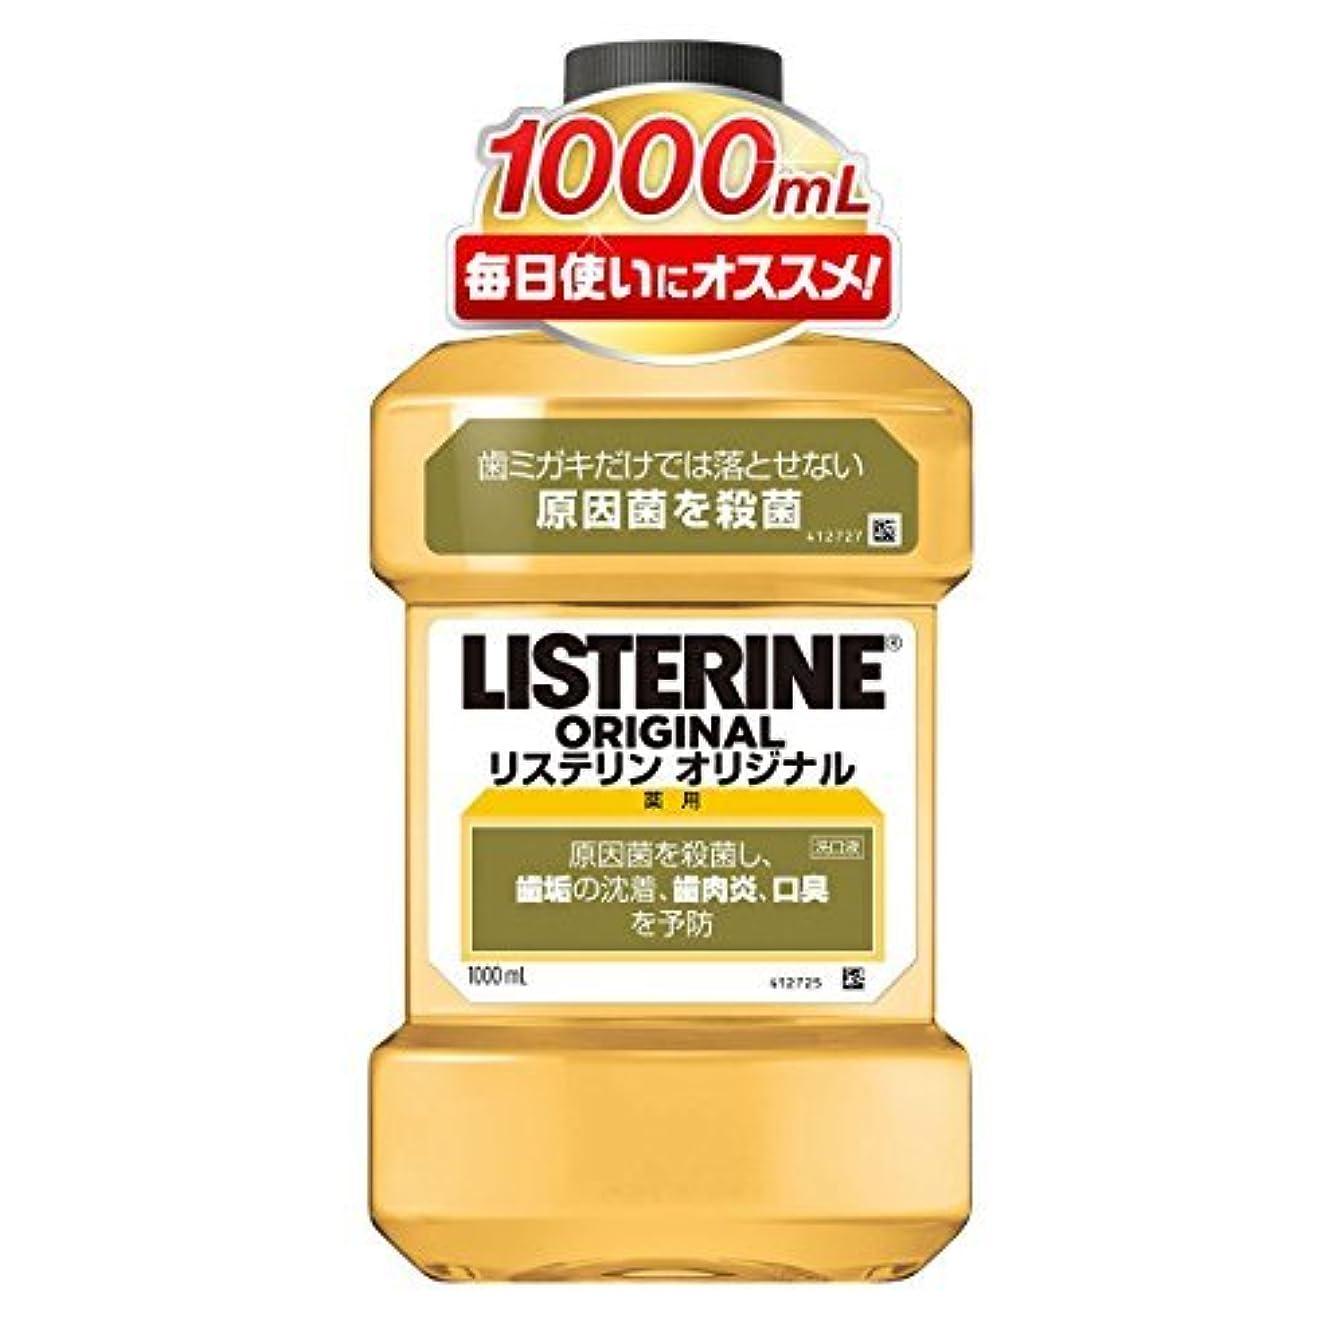 湿原穏やかな苦味薬用リステリン オリジナル 1000ml ×6個セット